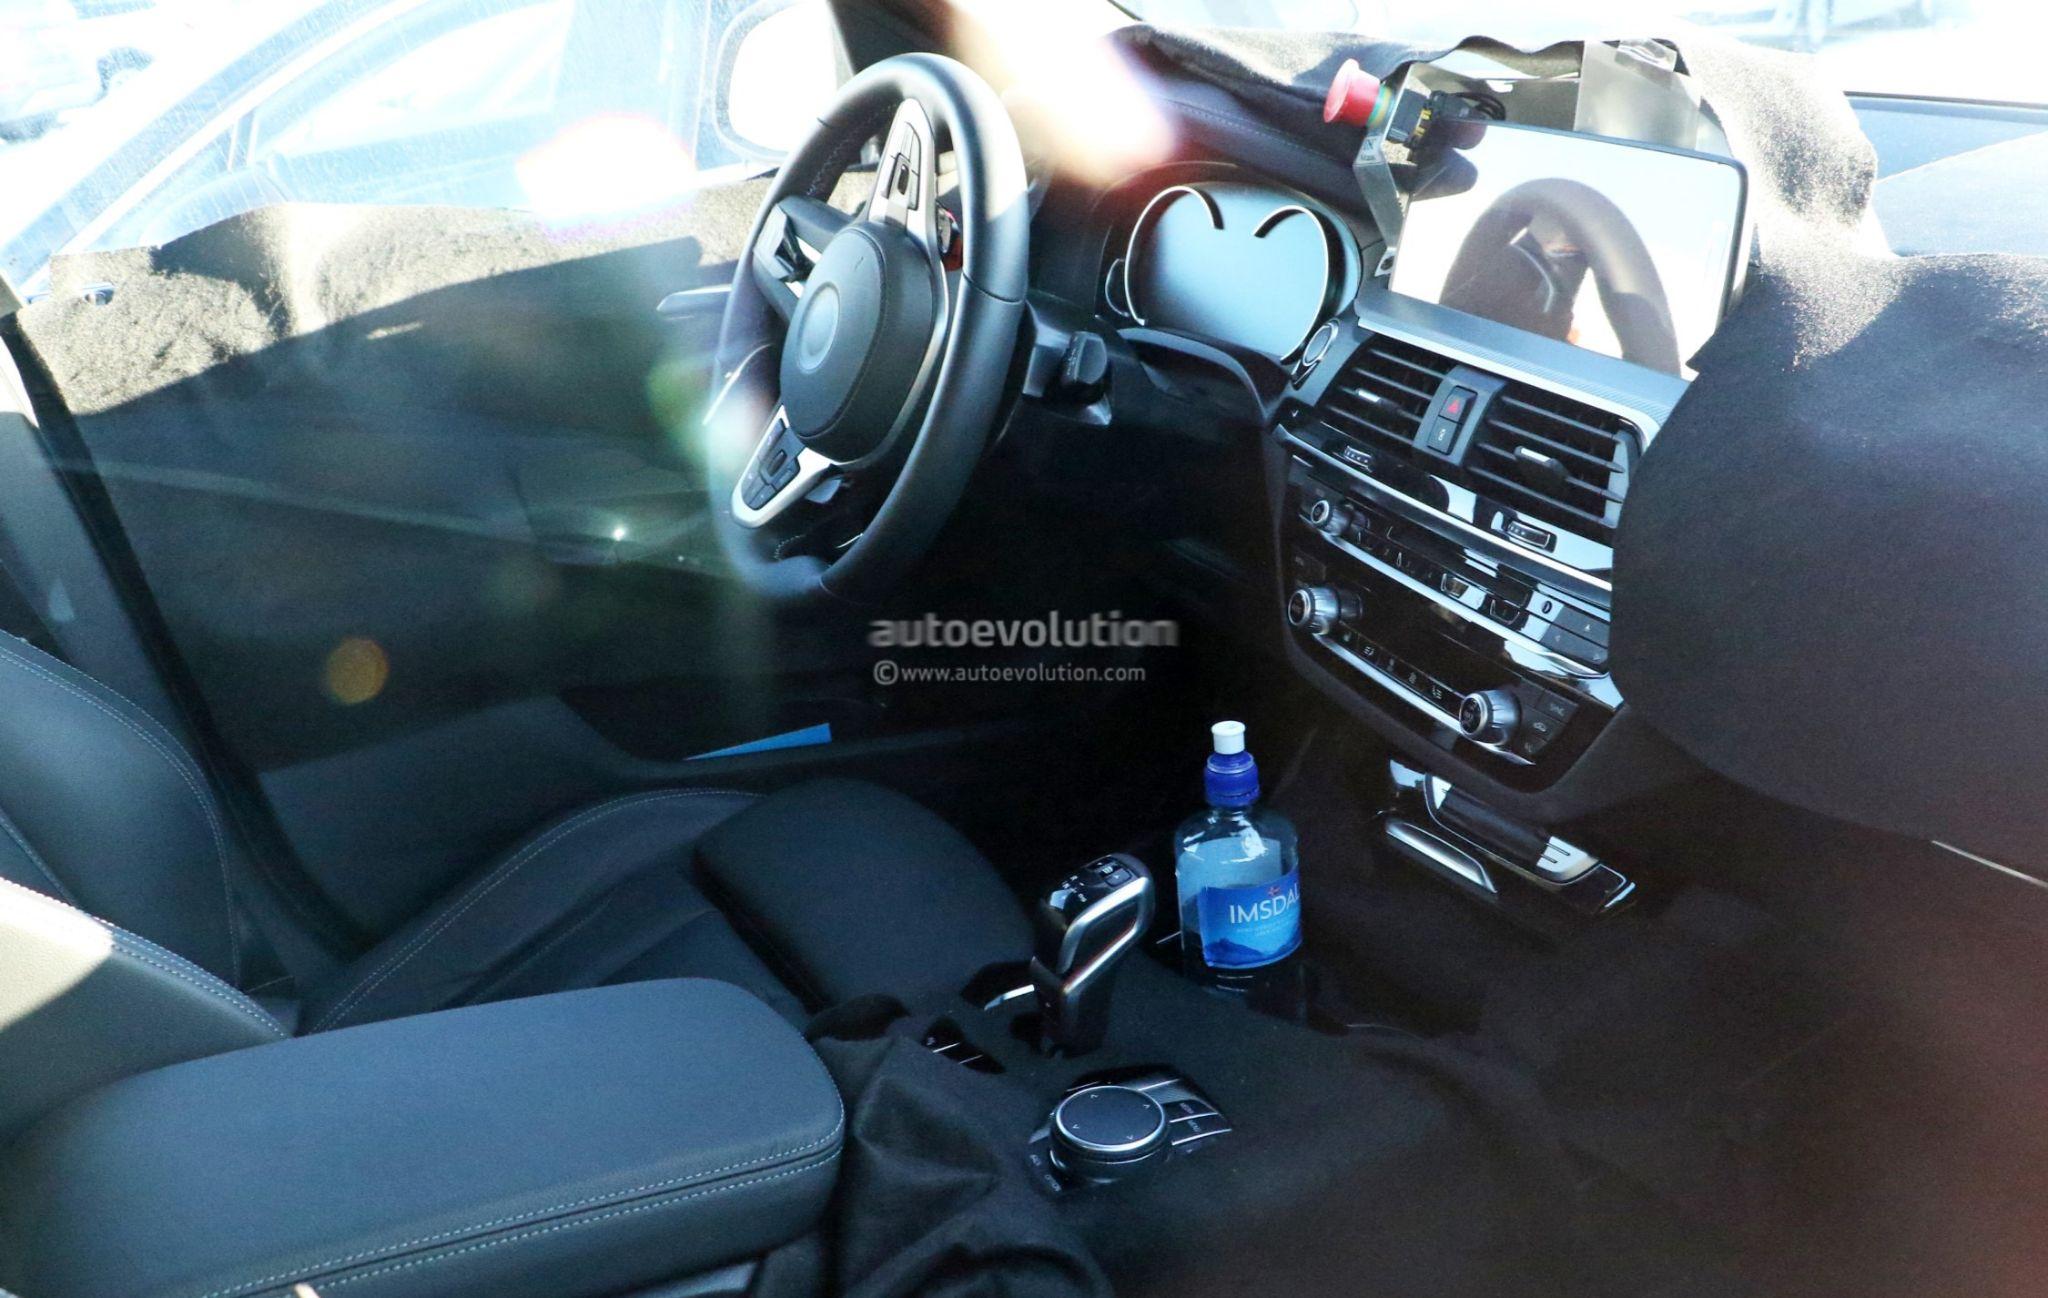 Spyshots 2019 Bmw X3 M Interior Reveals M5 Steering Wheel And Gear